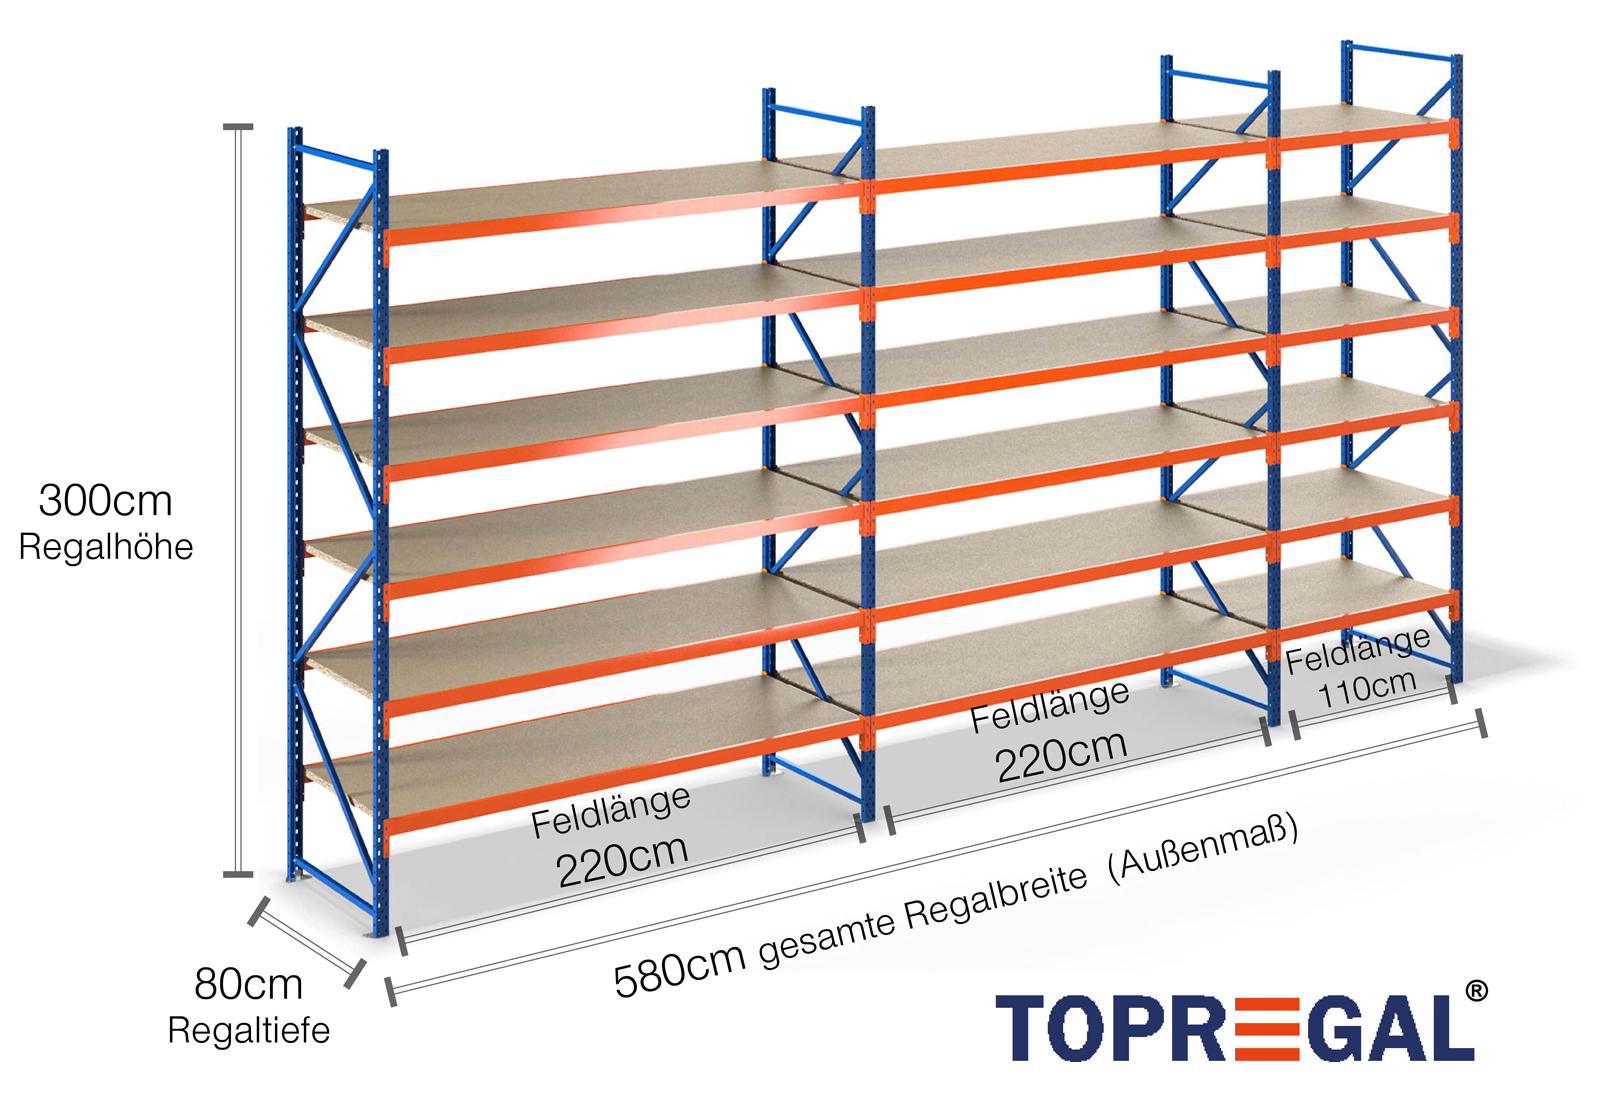 8m lagerregal 300cm hoch 80cm tief mit 6 ebenen inkl holzb den. Black Bedroom Furniture Sets. Home Design Ideas